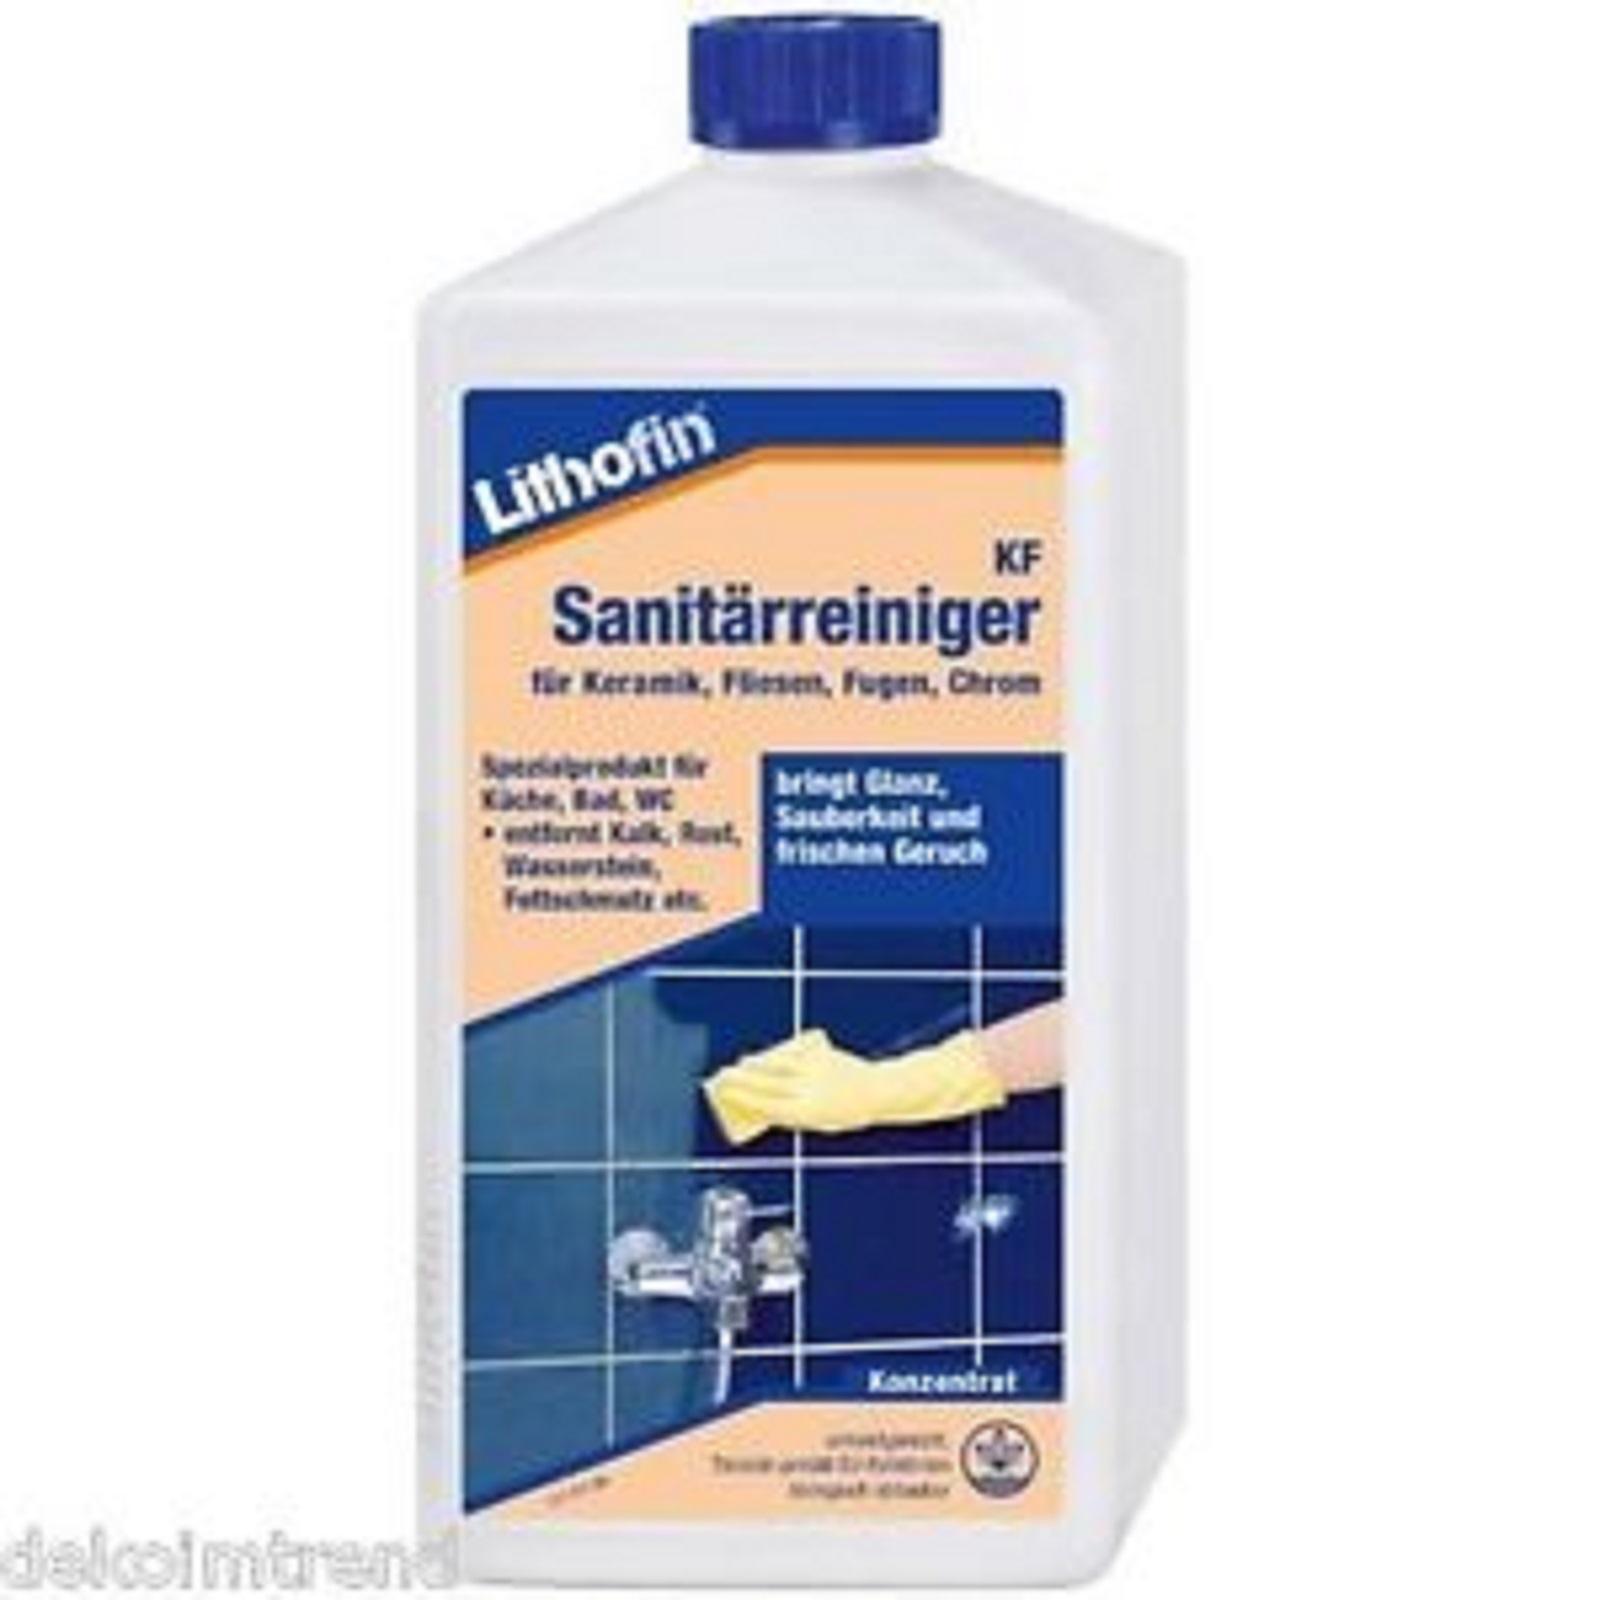 Lithofin KF Sanitärreiniger, Reiniger für Keramik Chrom Fliesen Glas Kunststoff